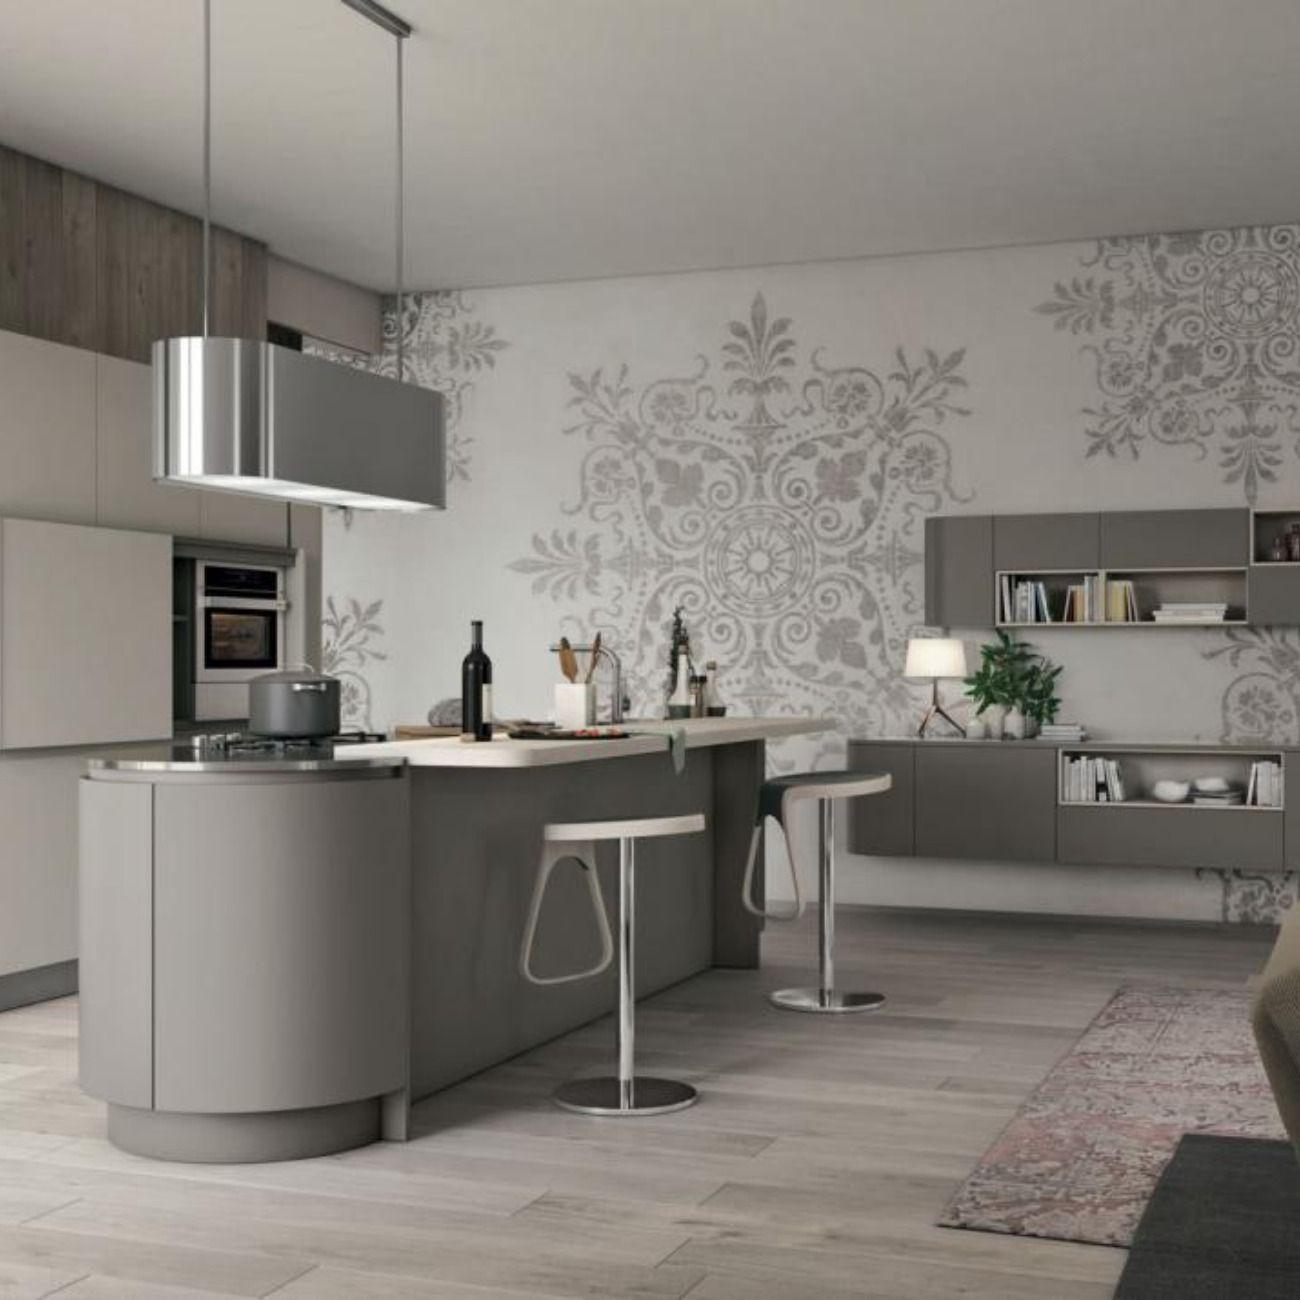 Modello Clover Cucine Moderne Interni Della Cucina Idee Per La Cucina